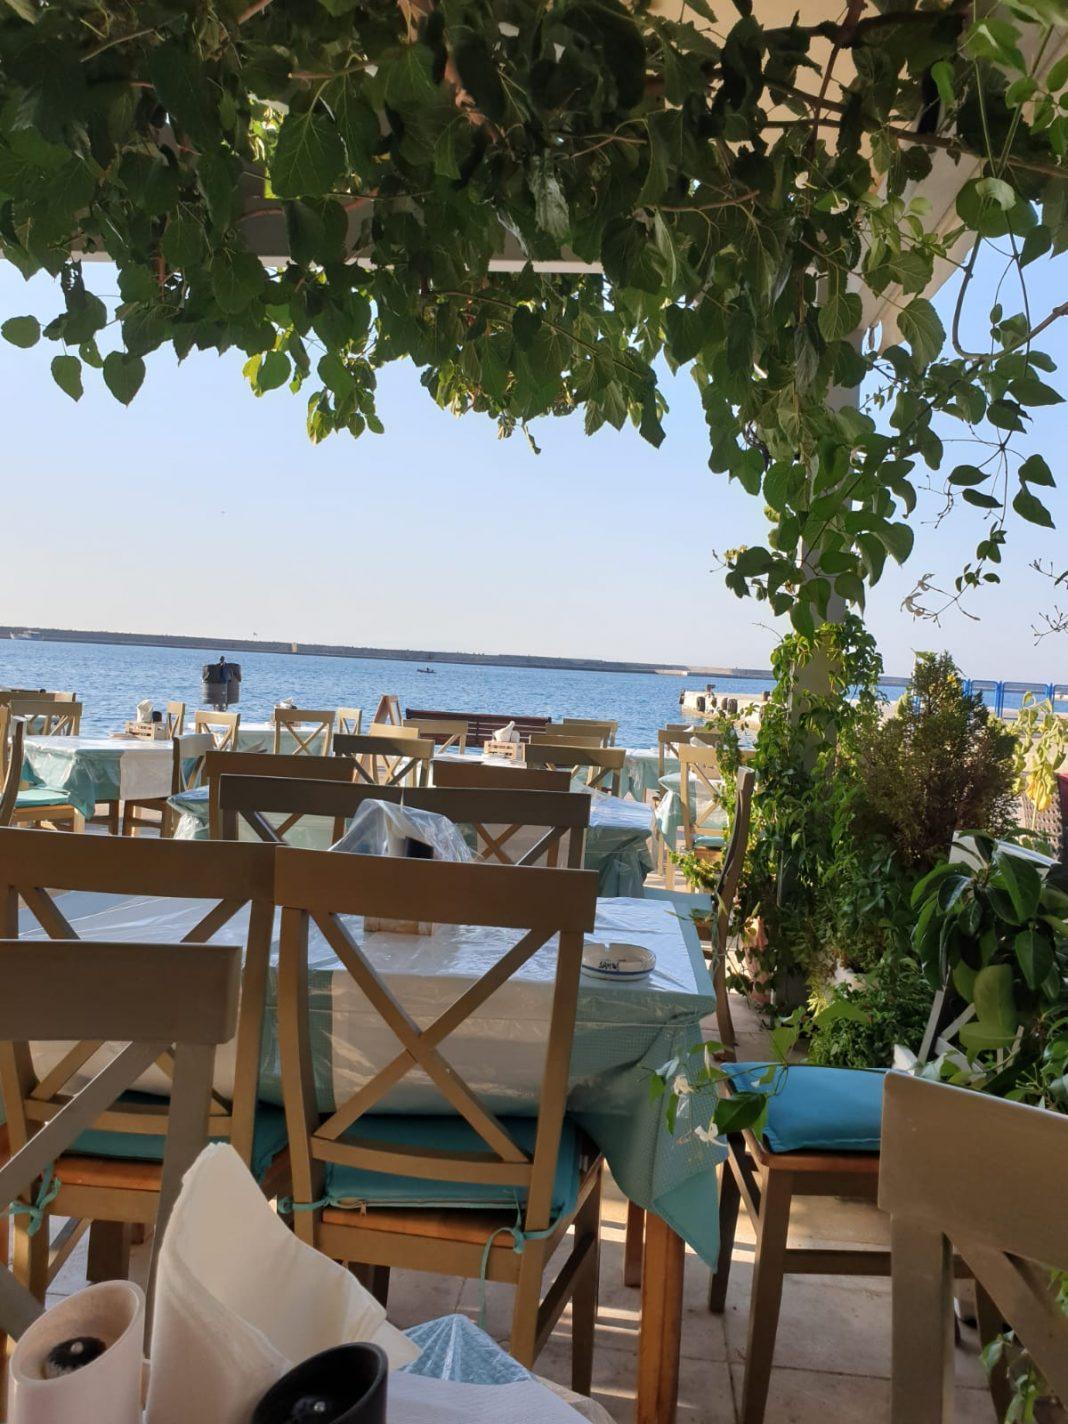 Restaurant Rendevous 2000 - Karlovasi Haven - Bezienswaardigheden Karlovasi op Samos